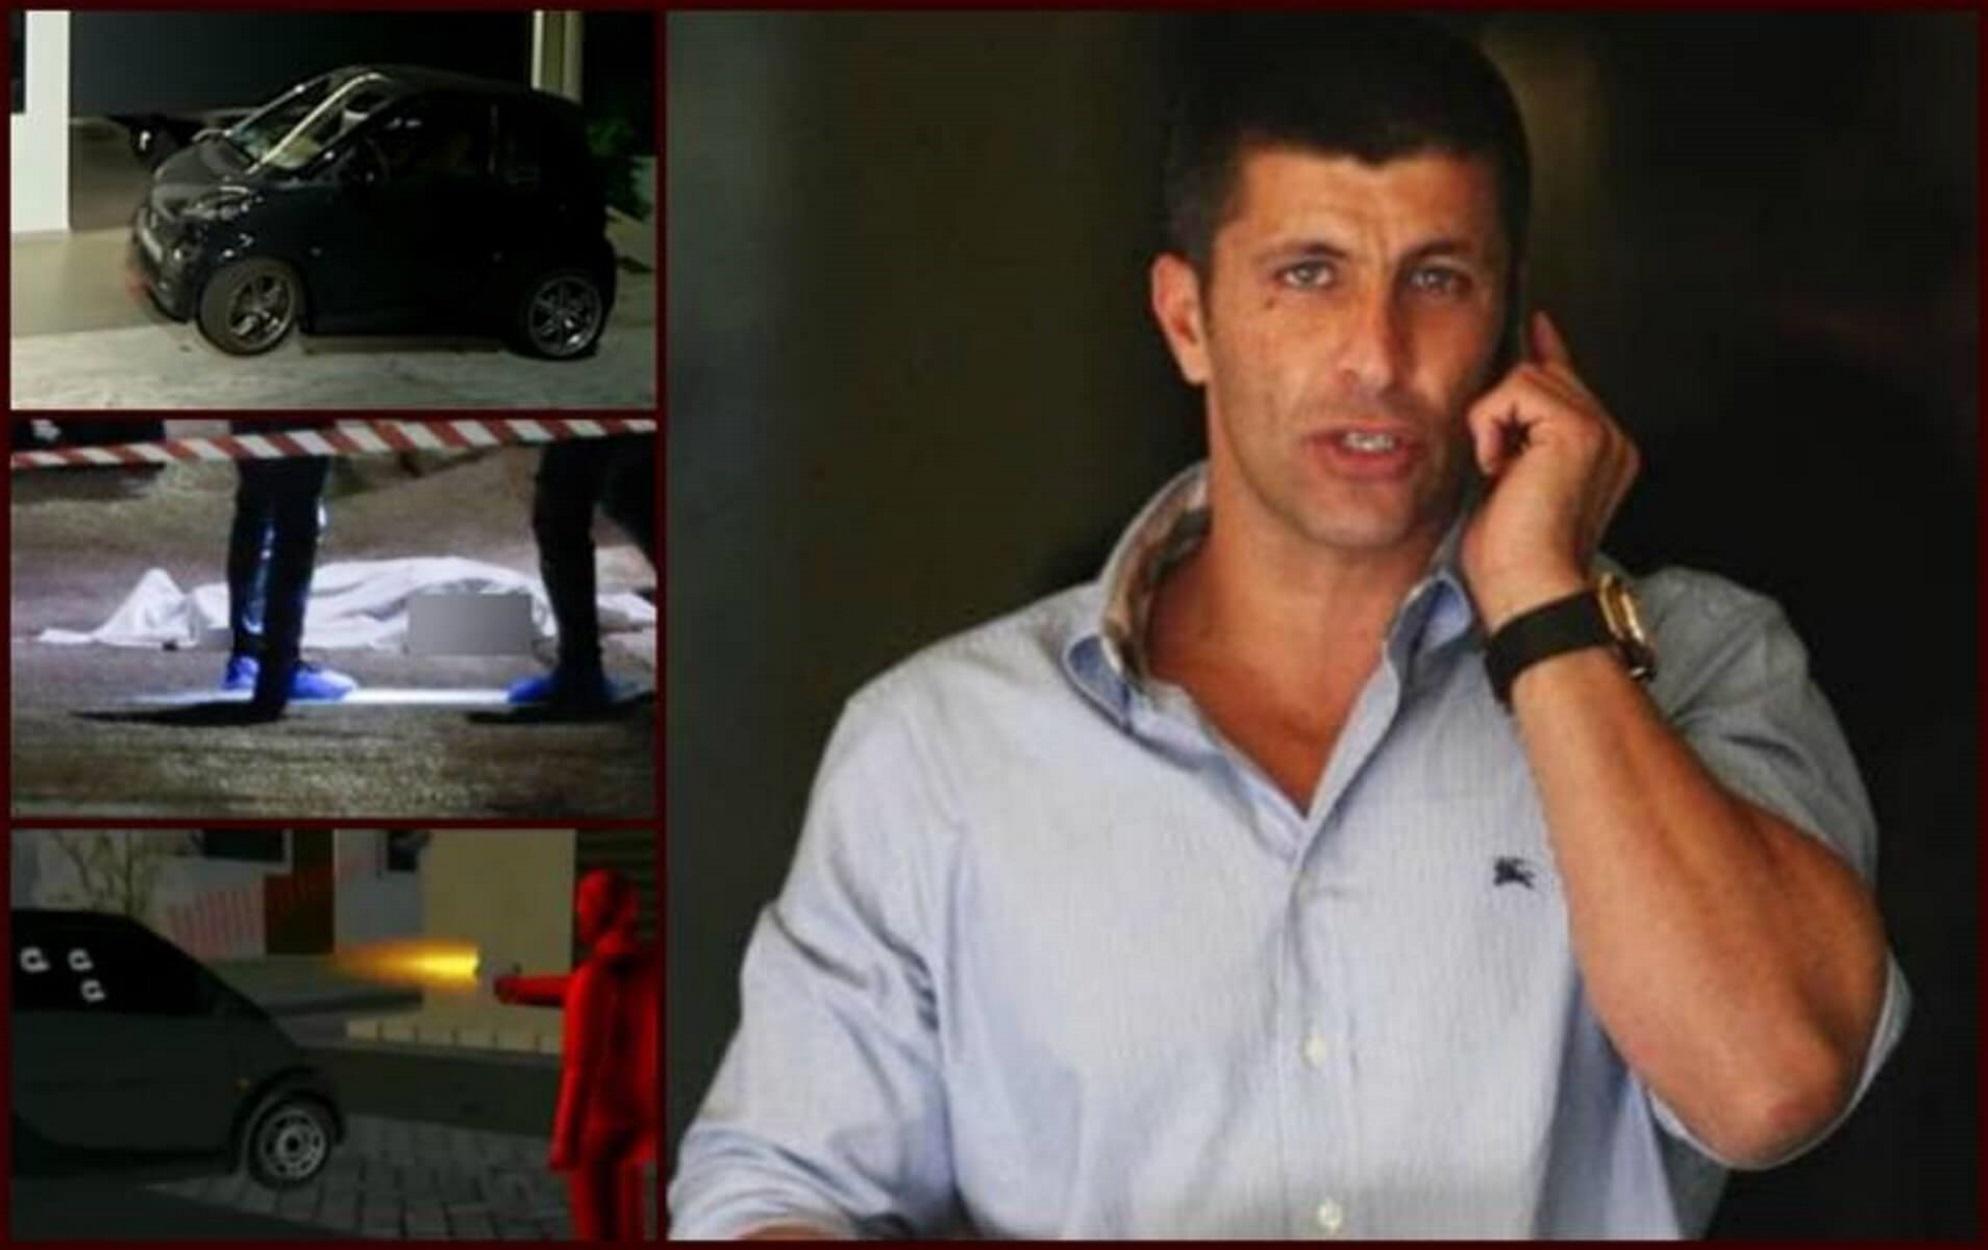 """Δολοφονία Γιάννη Μακρή: """"Επαγγελματίας ο εκτελεστής του"""" – Ράκος η Βικτώρια Καρύδα"""